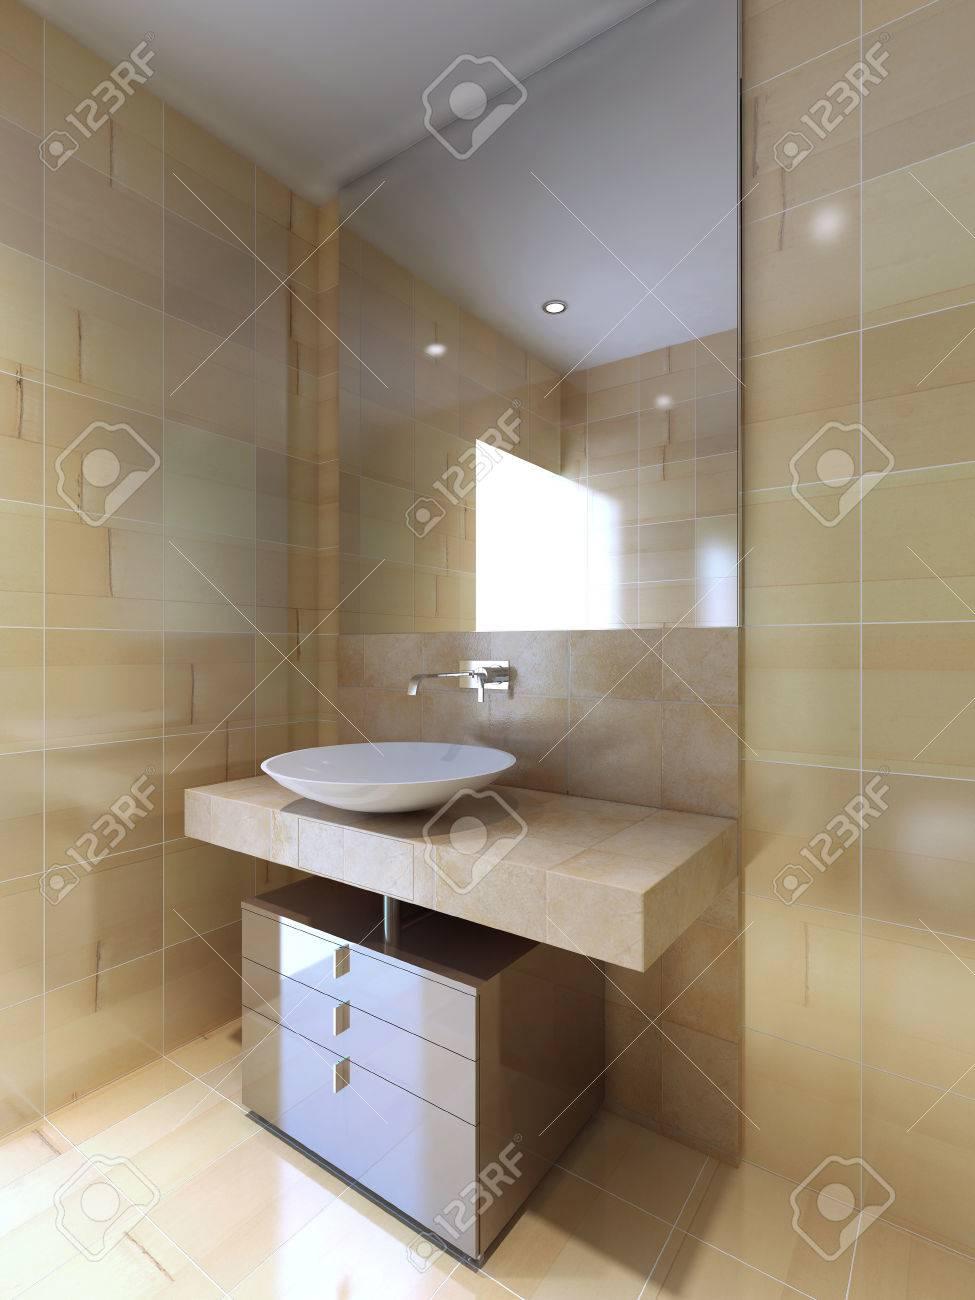 Ein Modernes Bad Mit Waschbecken Konsole In Beige Und Nazi Weiß. 3D  übertragen Standard